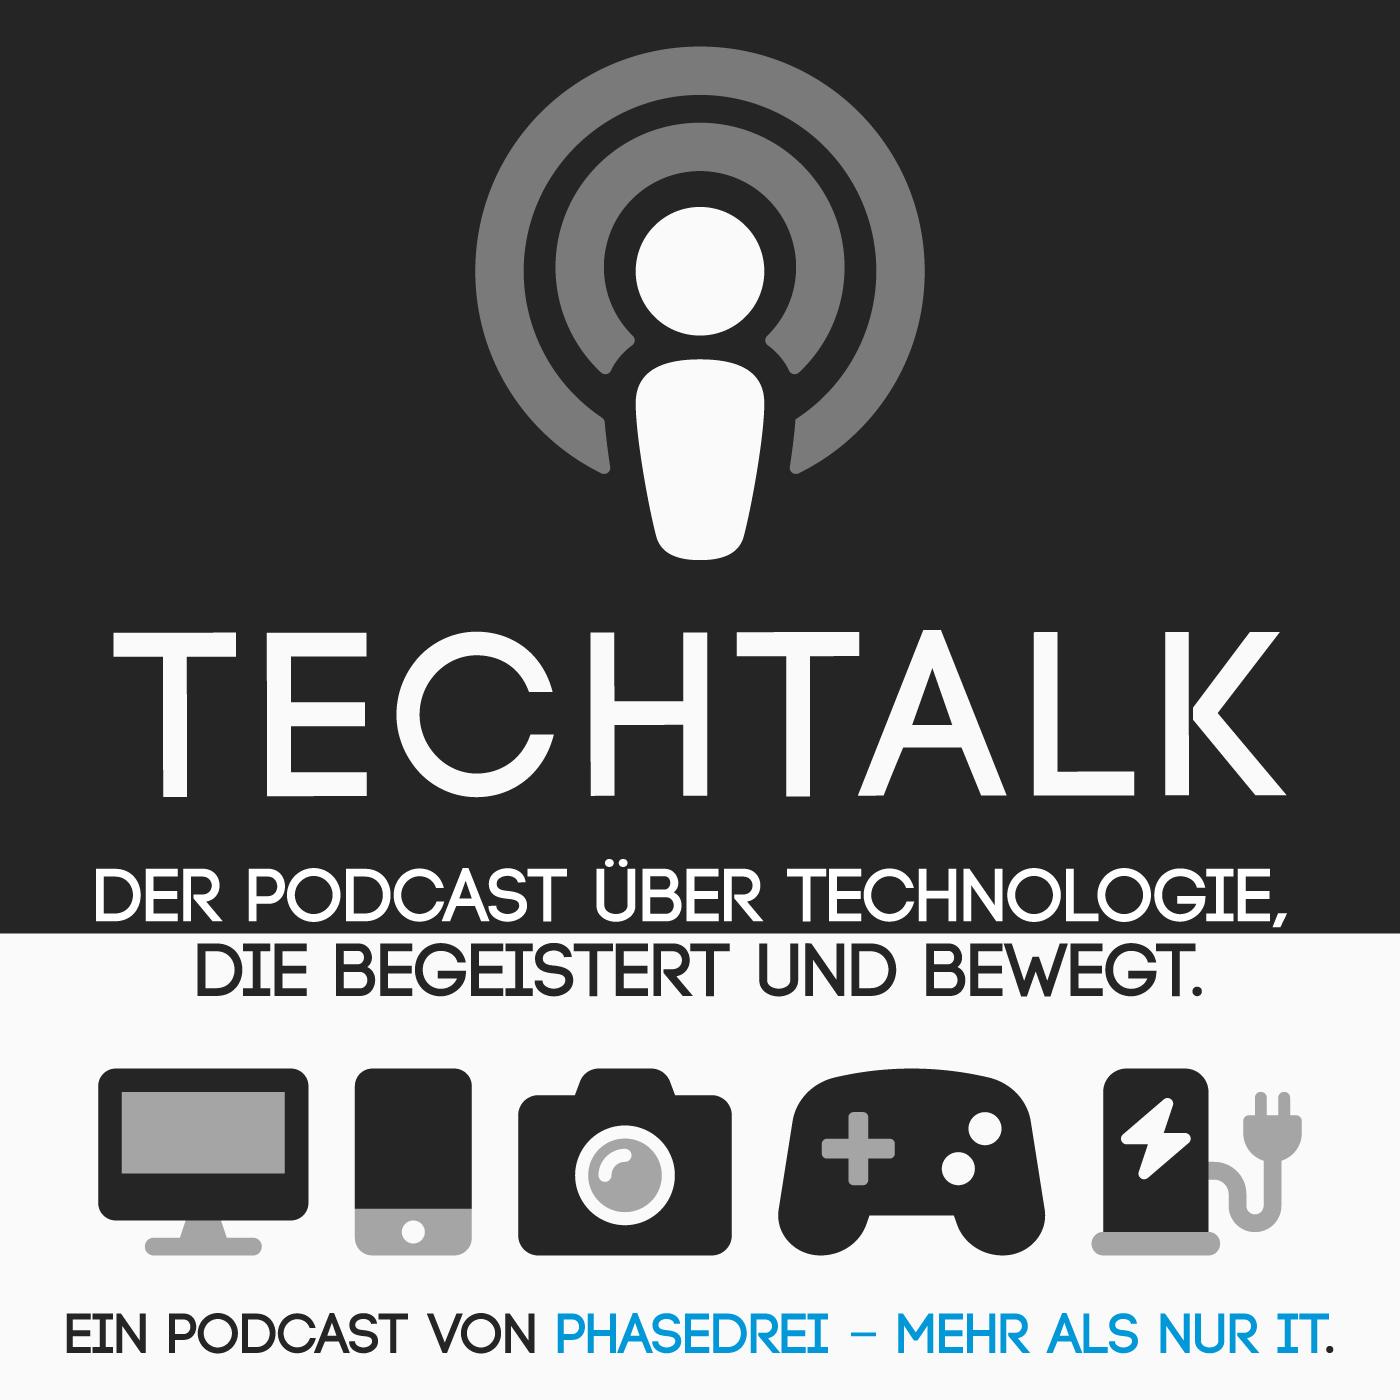 Techtalk Episode 7 Nur So Ein Kleiner Wink Mit Dem Zaunpfahl